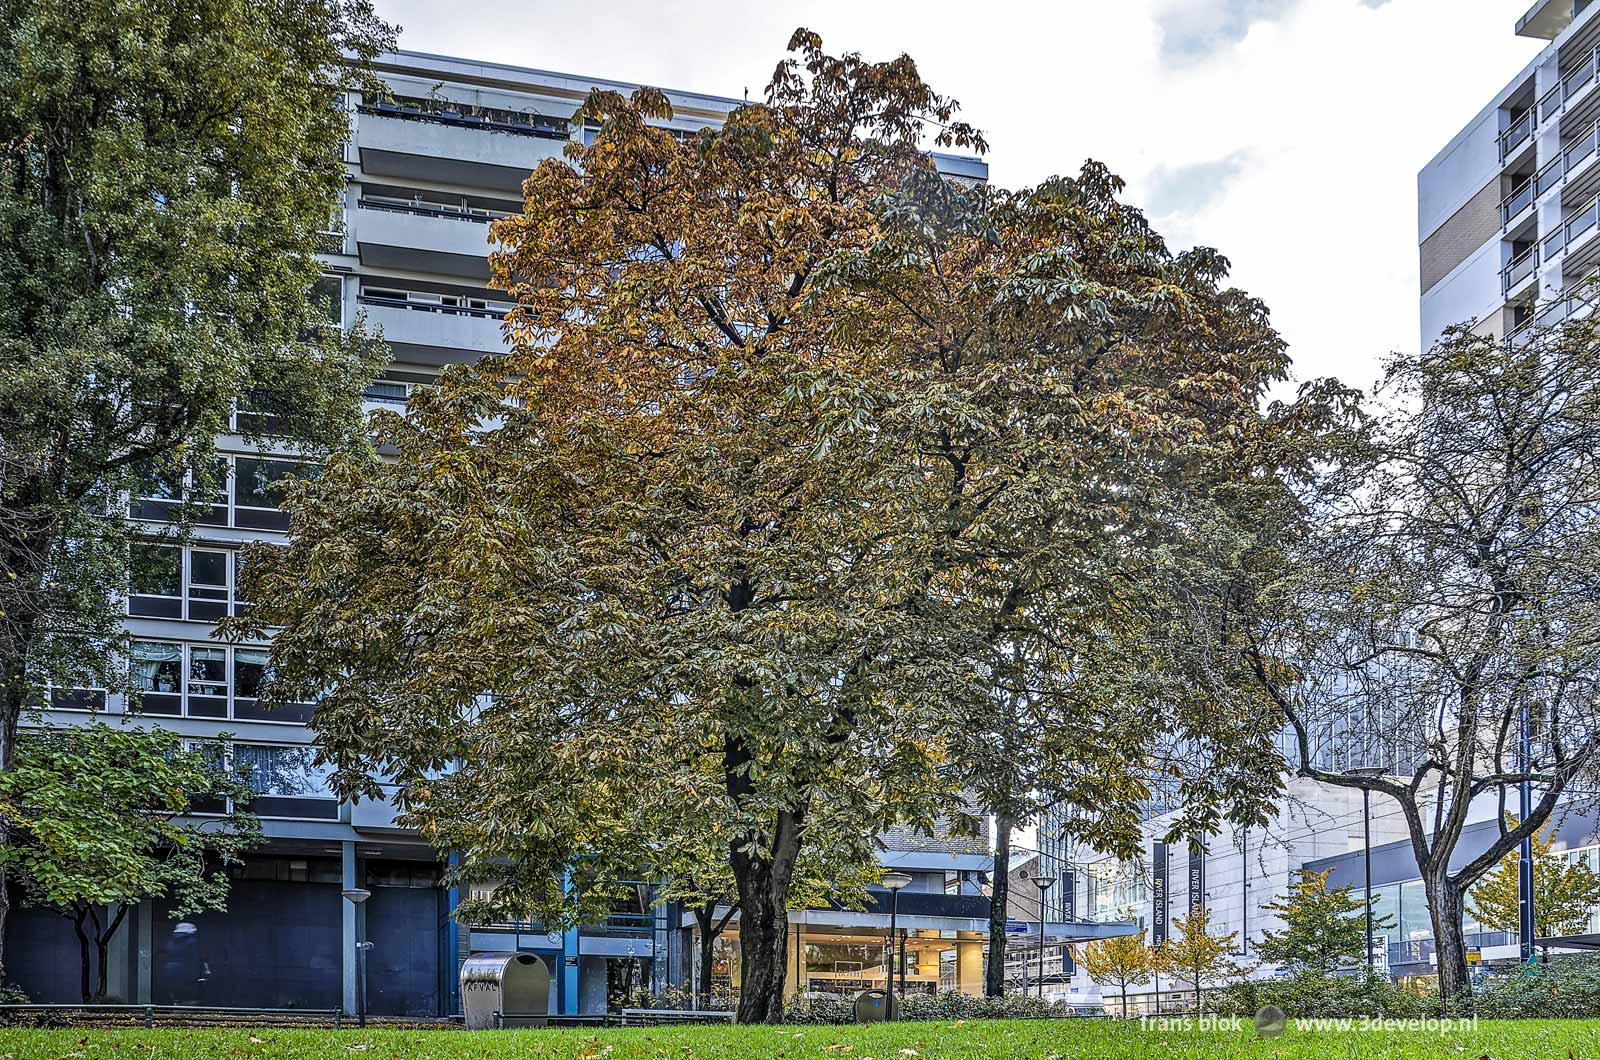 De kastanjeboom in een van de Lijnbaanhoven tijdens de herfst, gezien vanuit het omliggende park